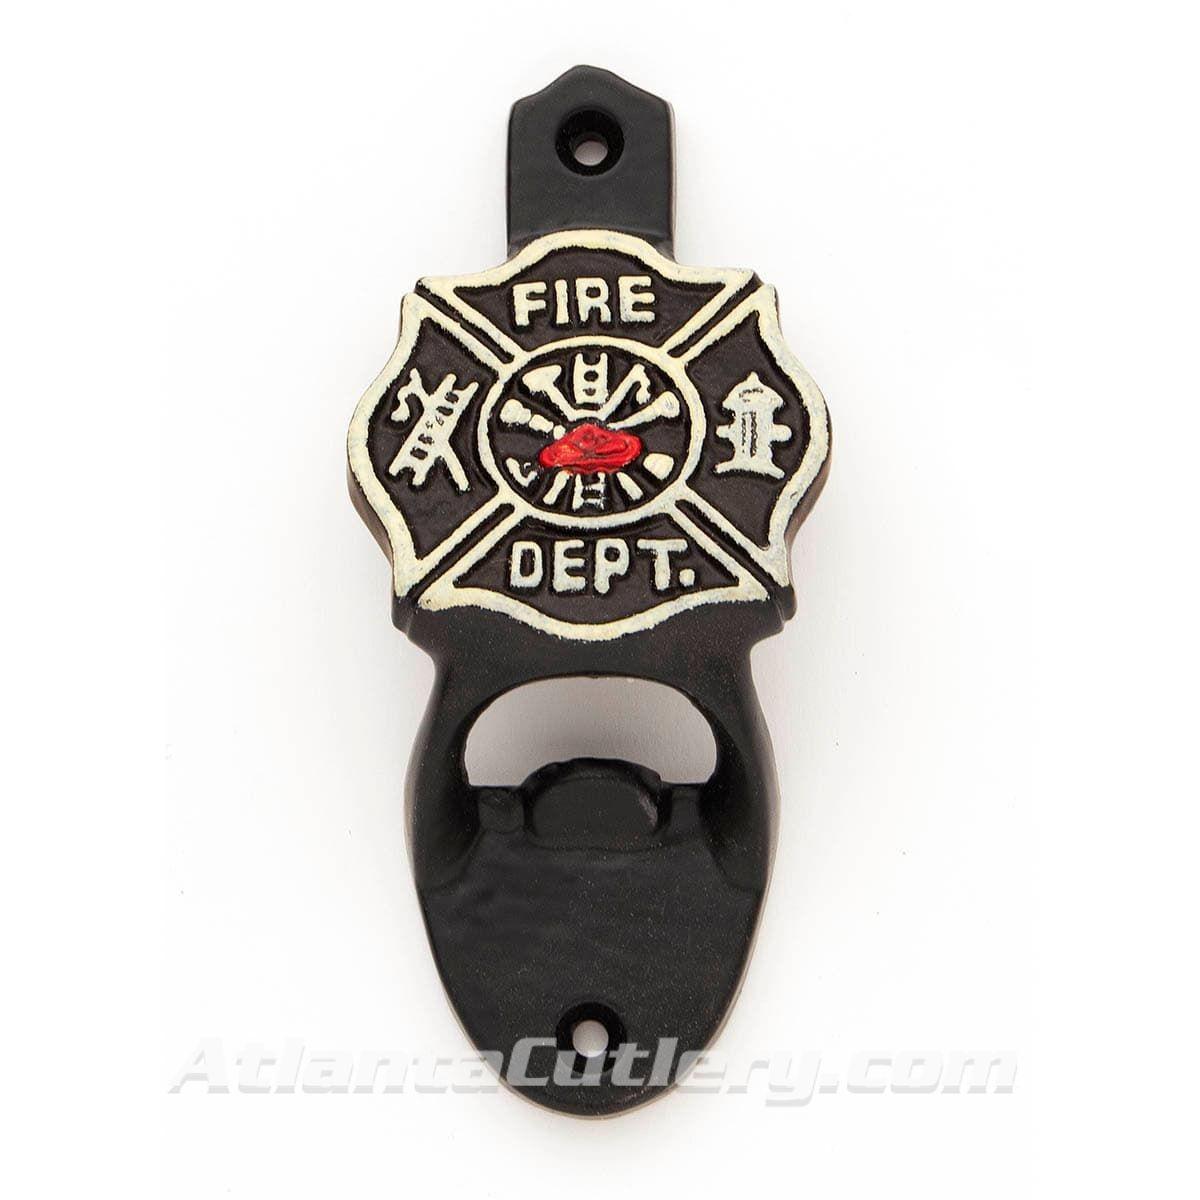 Cast Iron Fireman Bottle Opener